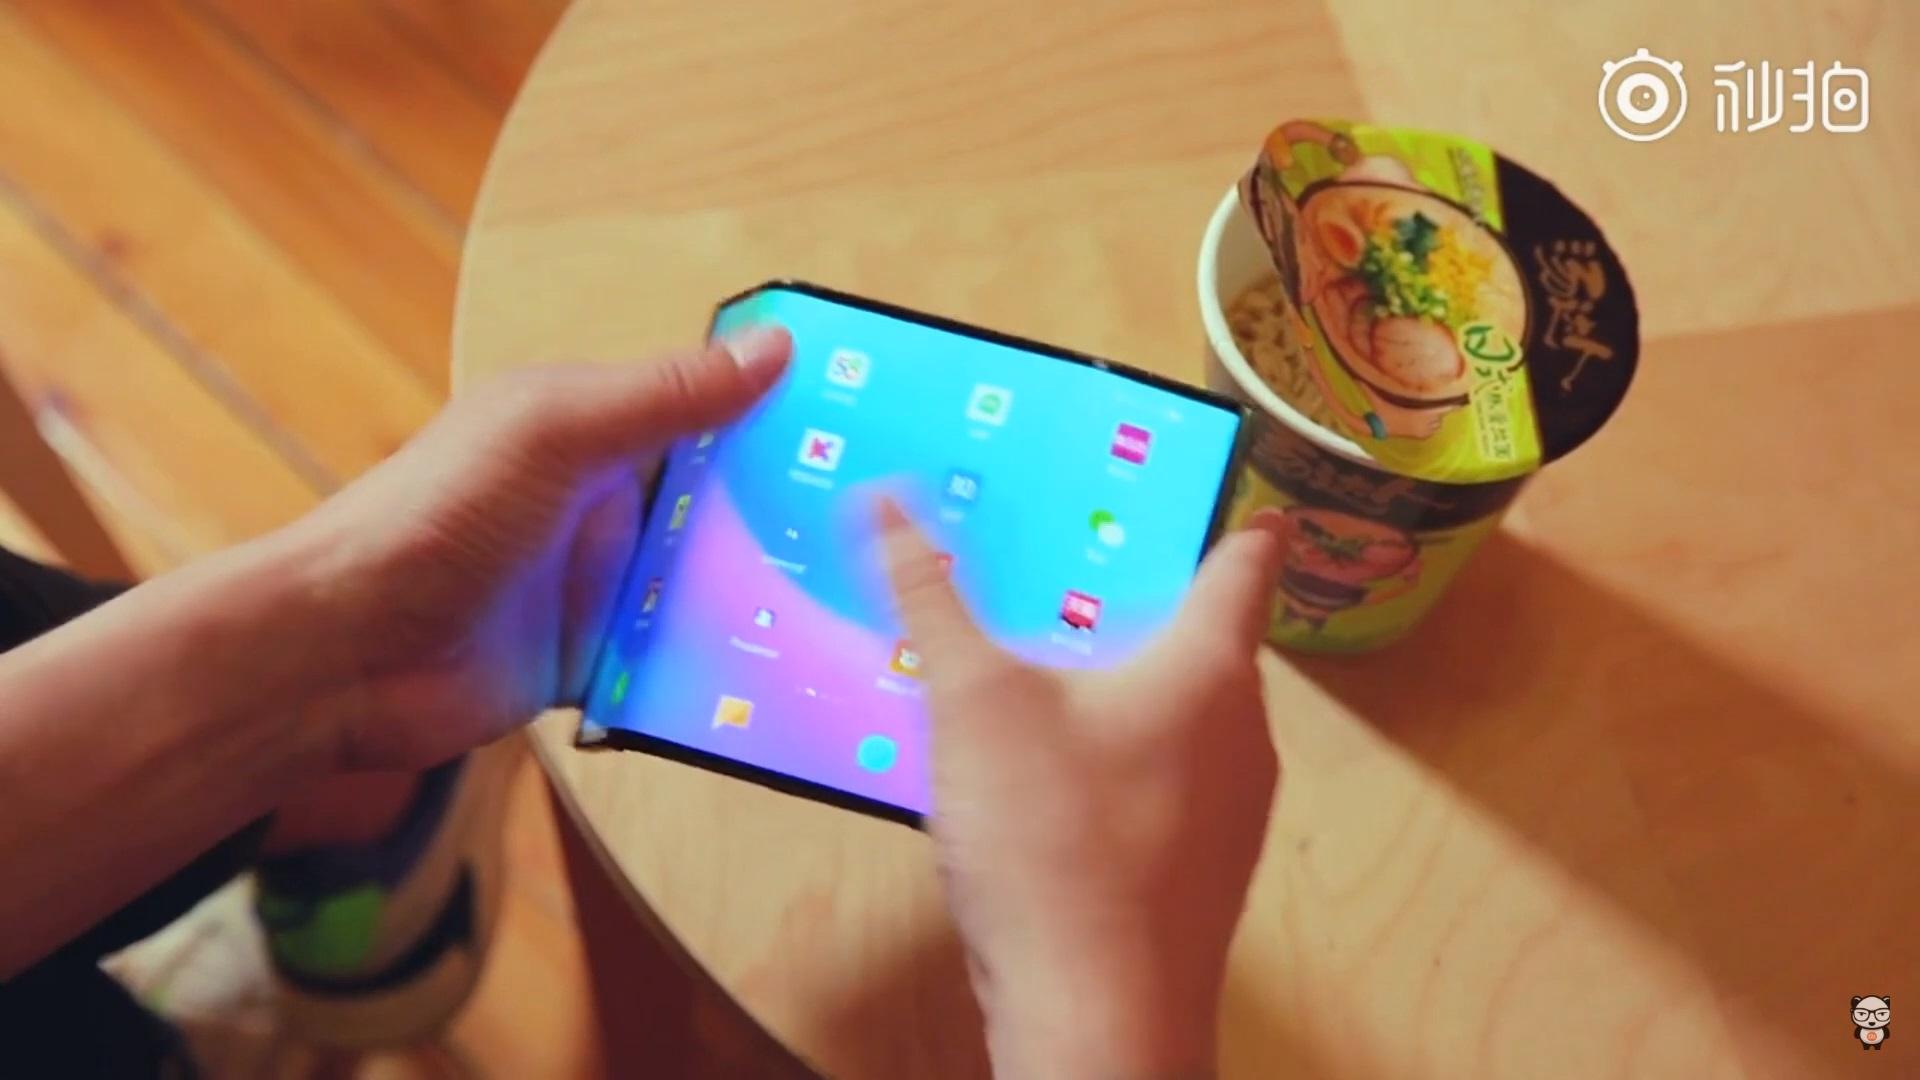 Aparece un nuevo vídeo del teléfono flexible de Xiaomi